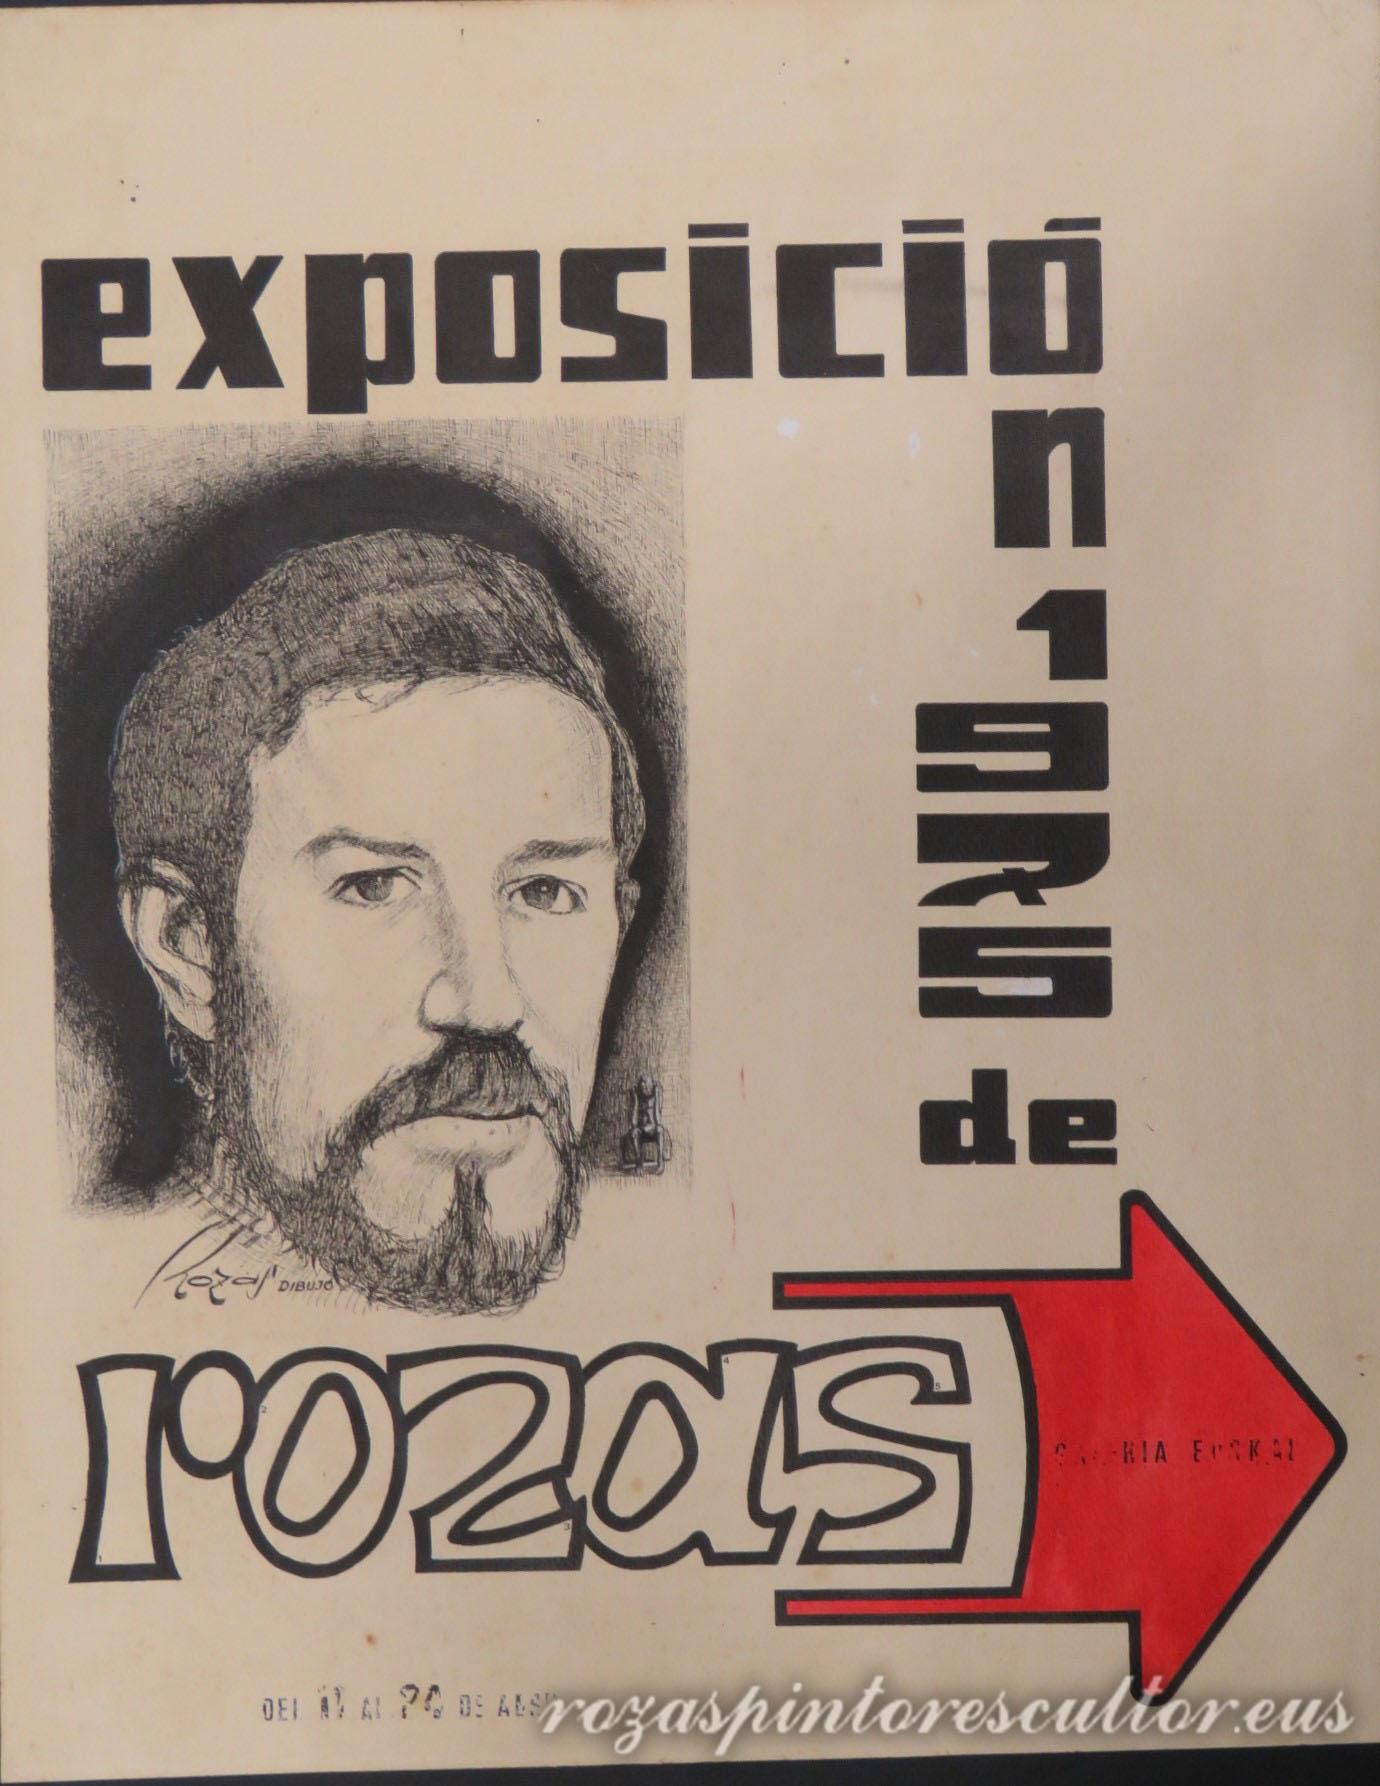 1975 Self portrait exhibition 63x50